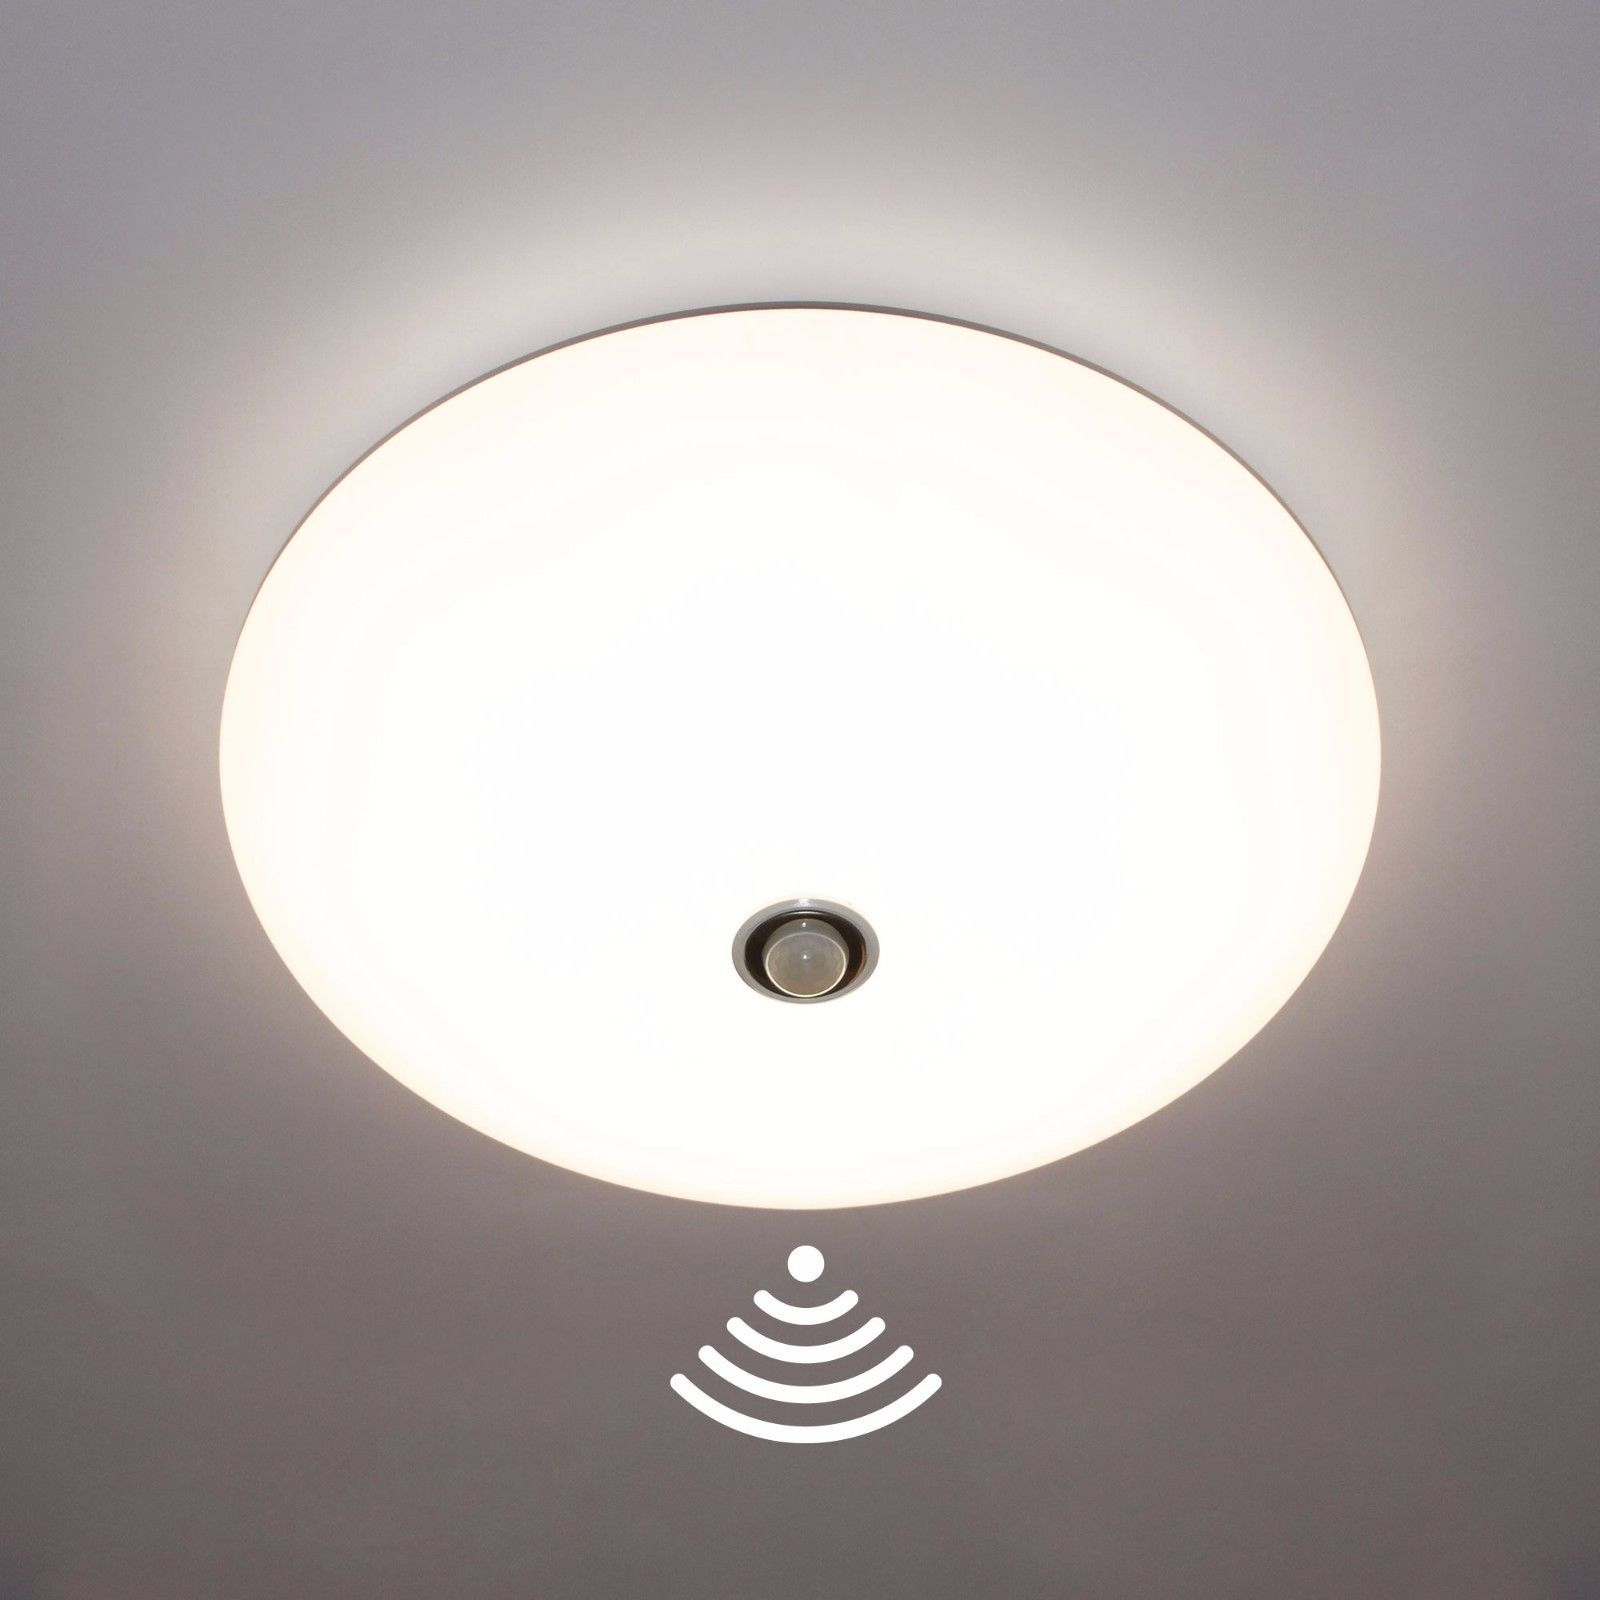 ffdc55e38ef2af56c4cd05e1a93eb7c3 Spannende Led Deckenlampe Mit Bewegungsmelder Dekorationen